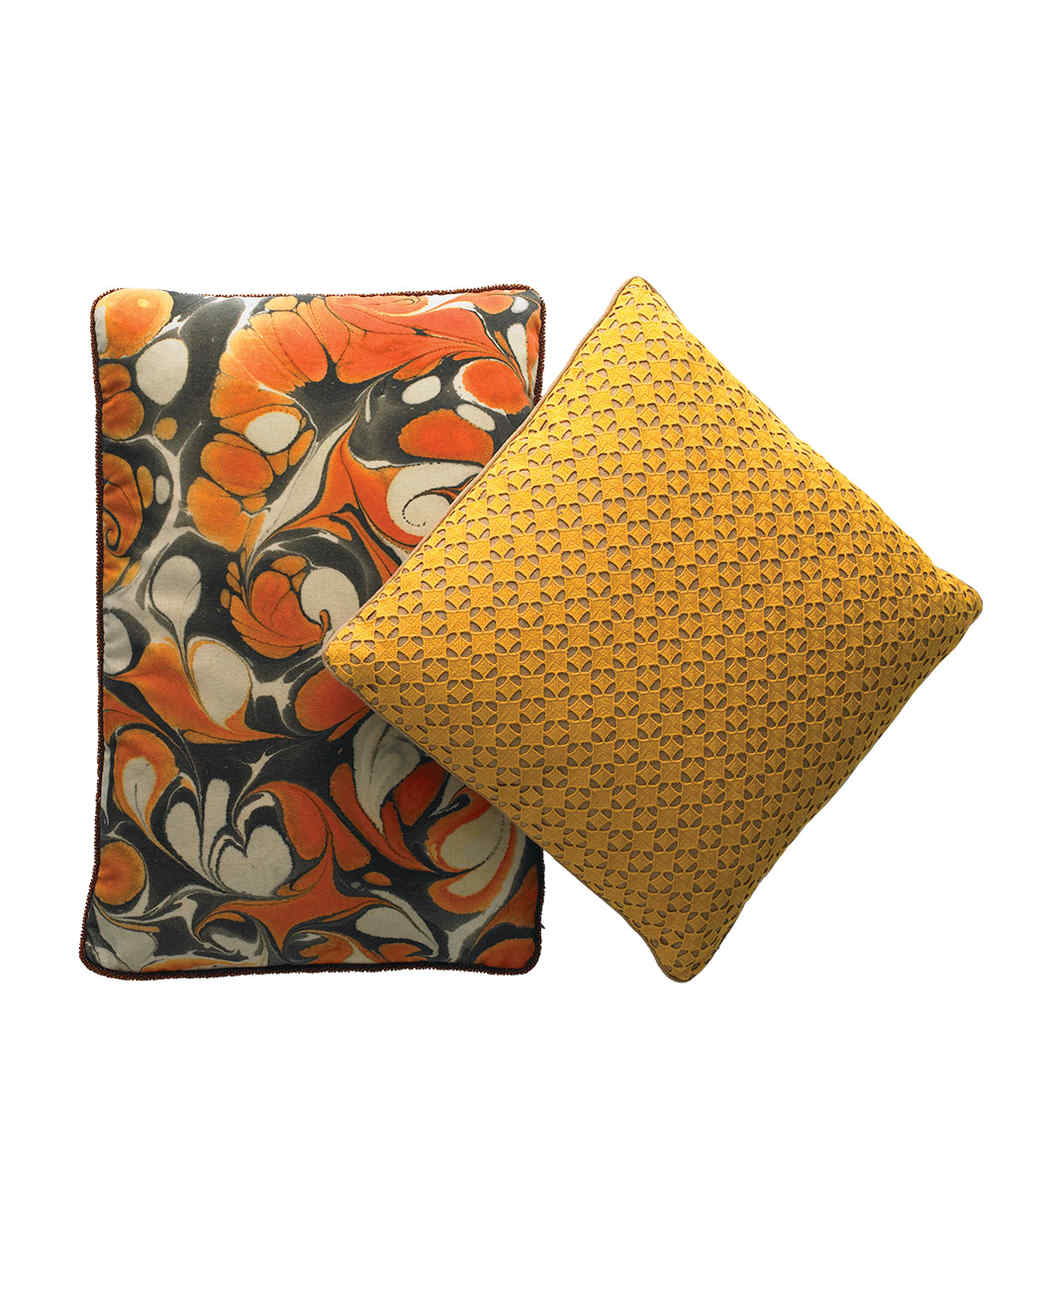 mld106361_1110_pillows1.jpg